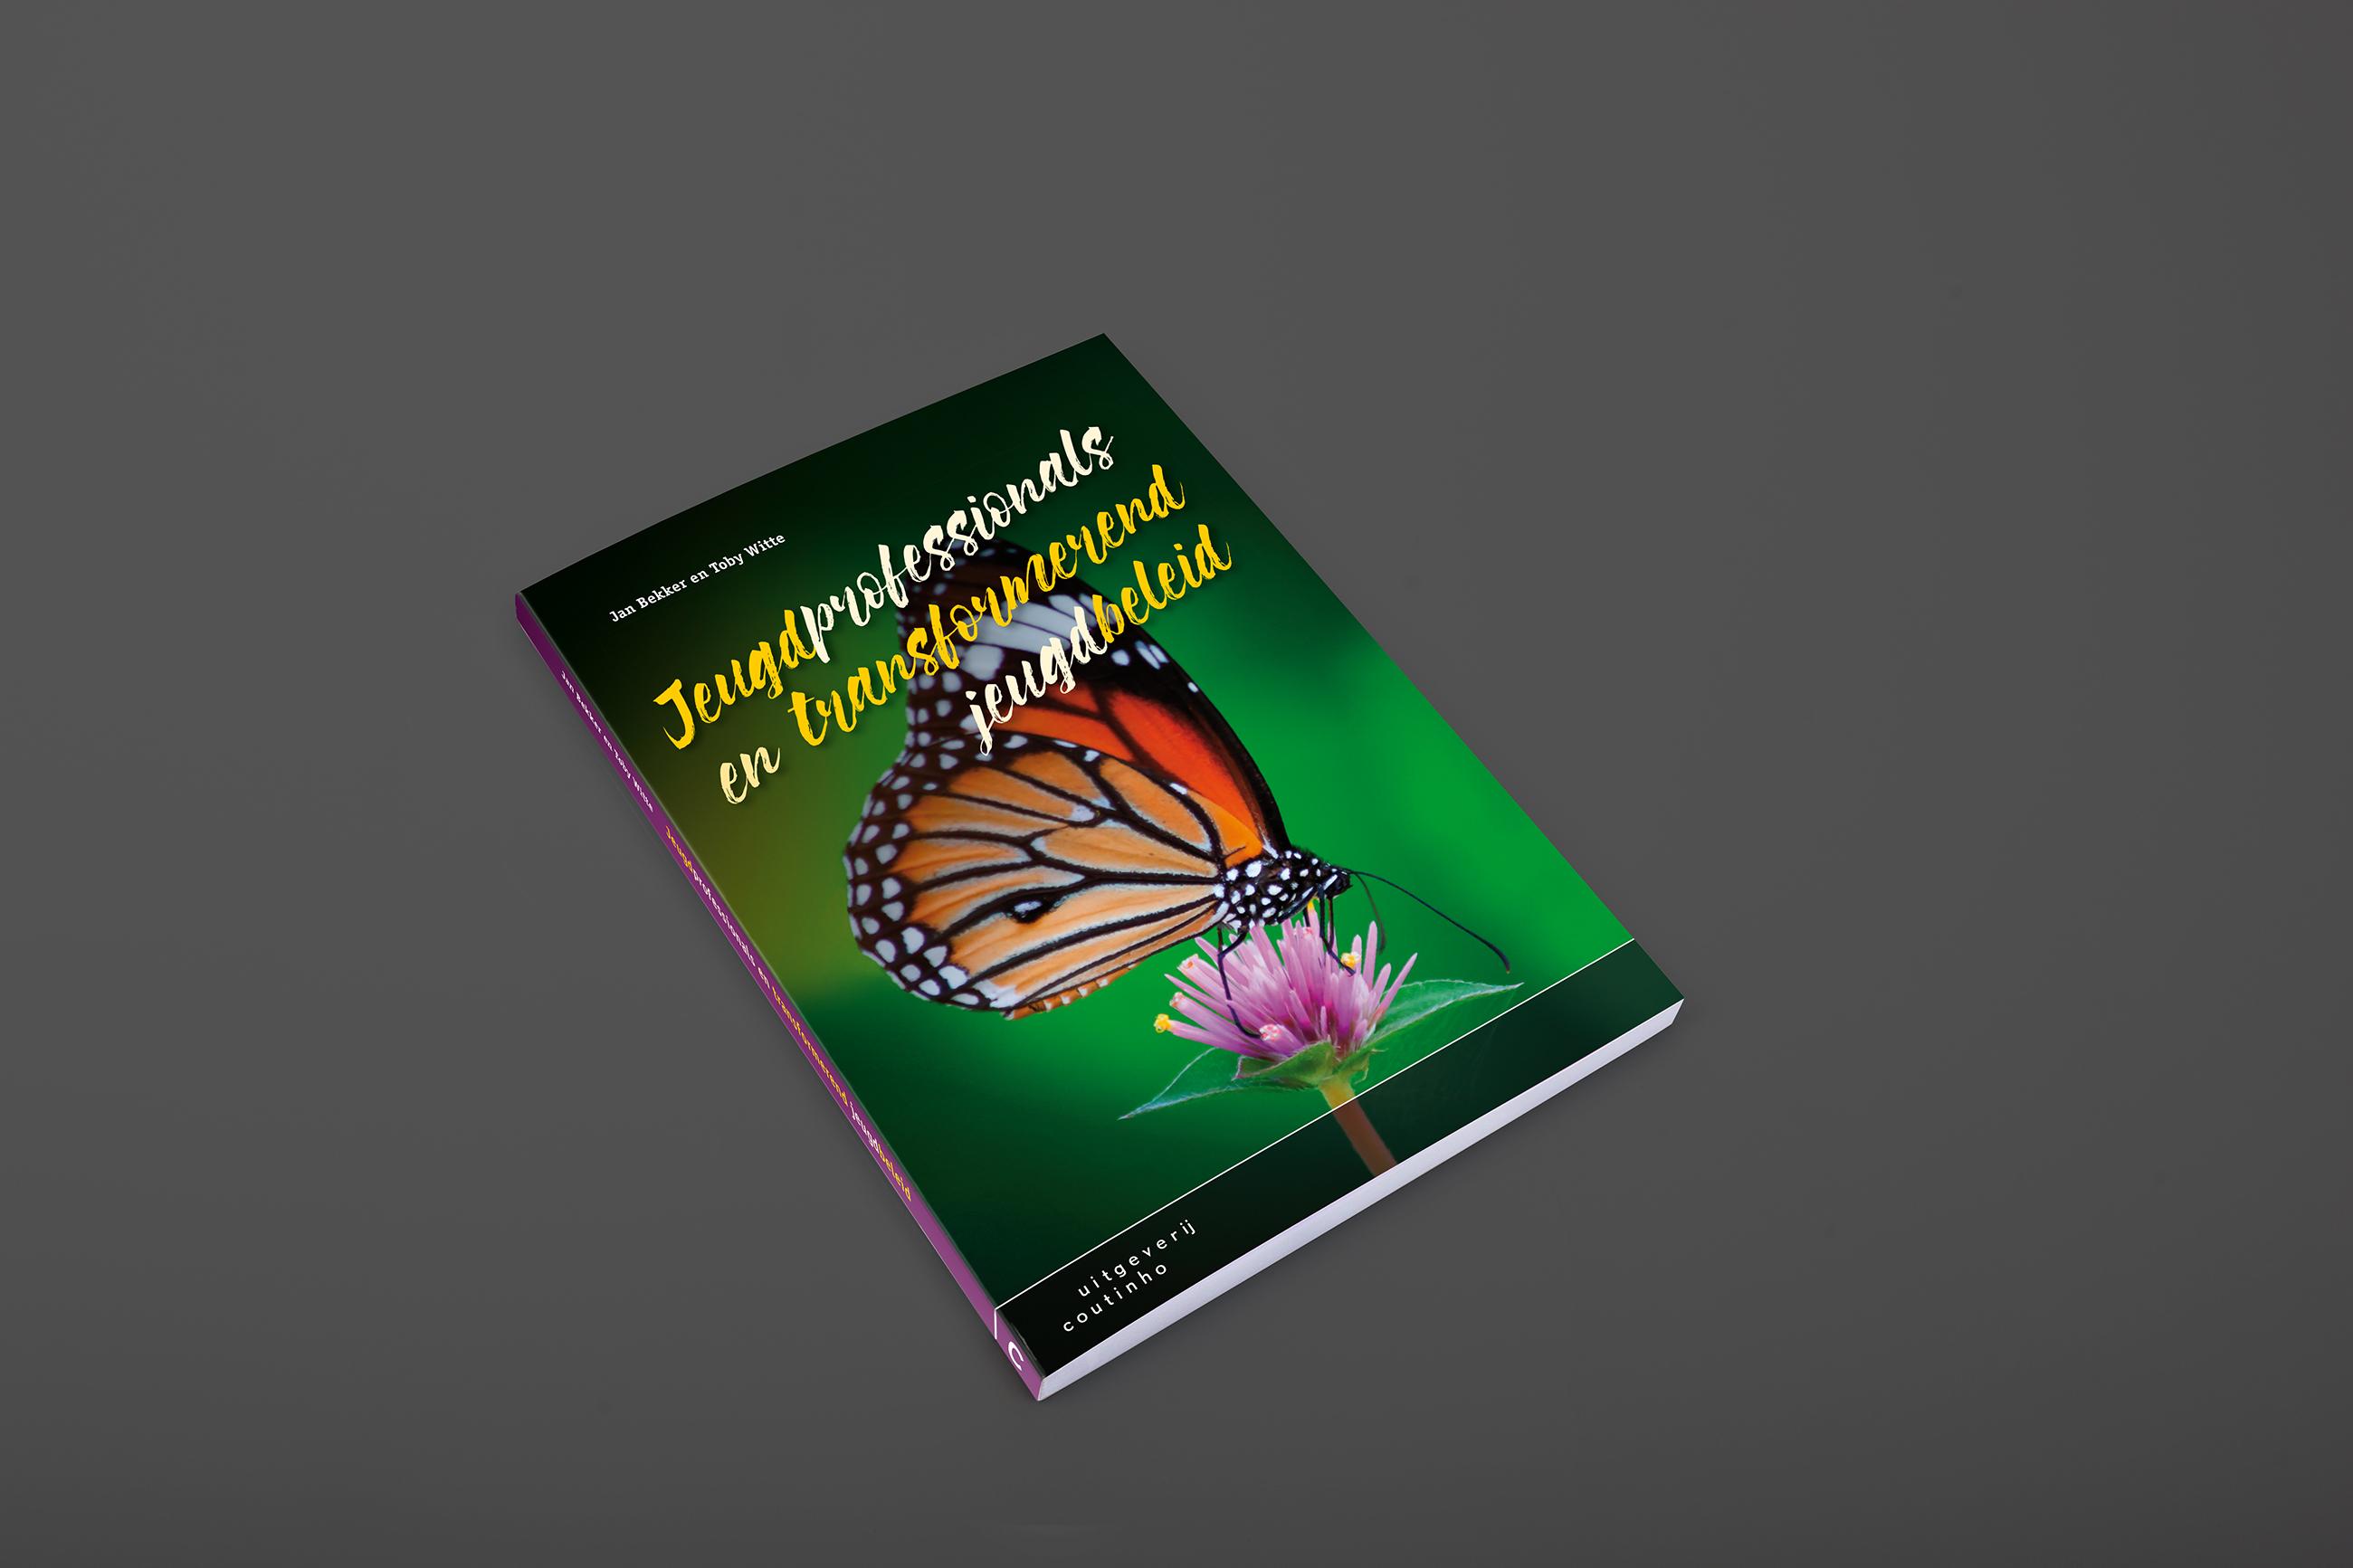 Coutinho, boekomslagen, jeugdprofessionals en transformerend jeugdbeleid, grafisch ontwerp Neo & Co